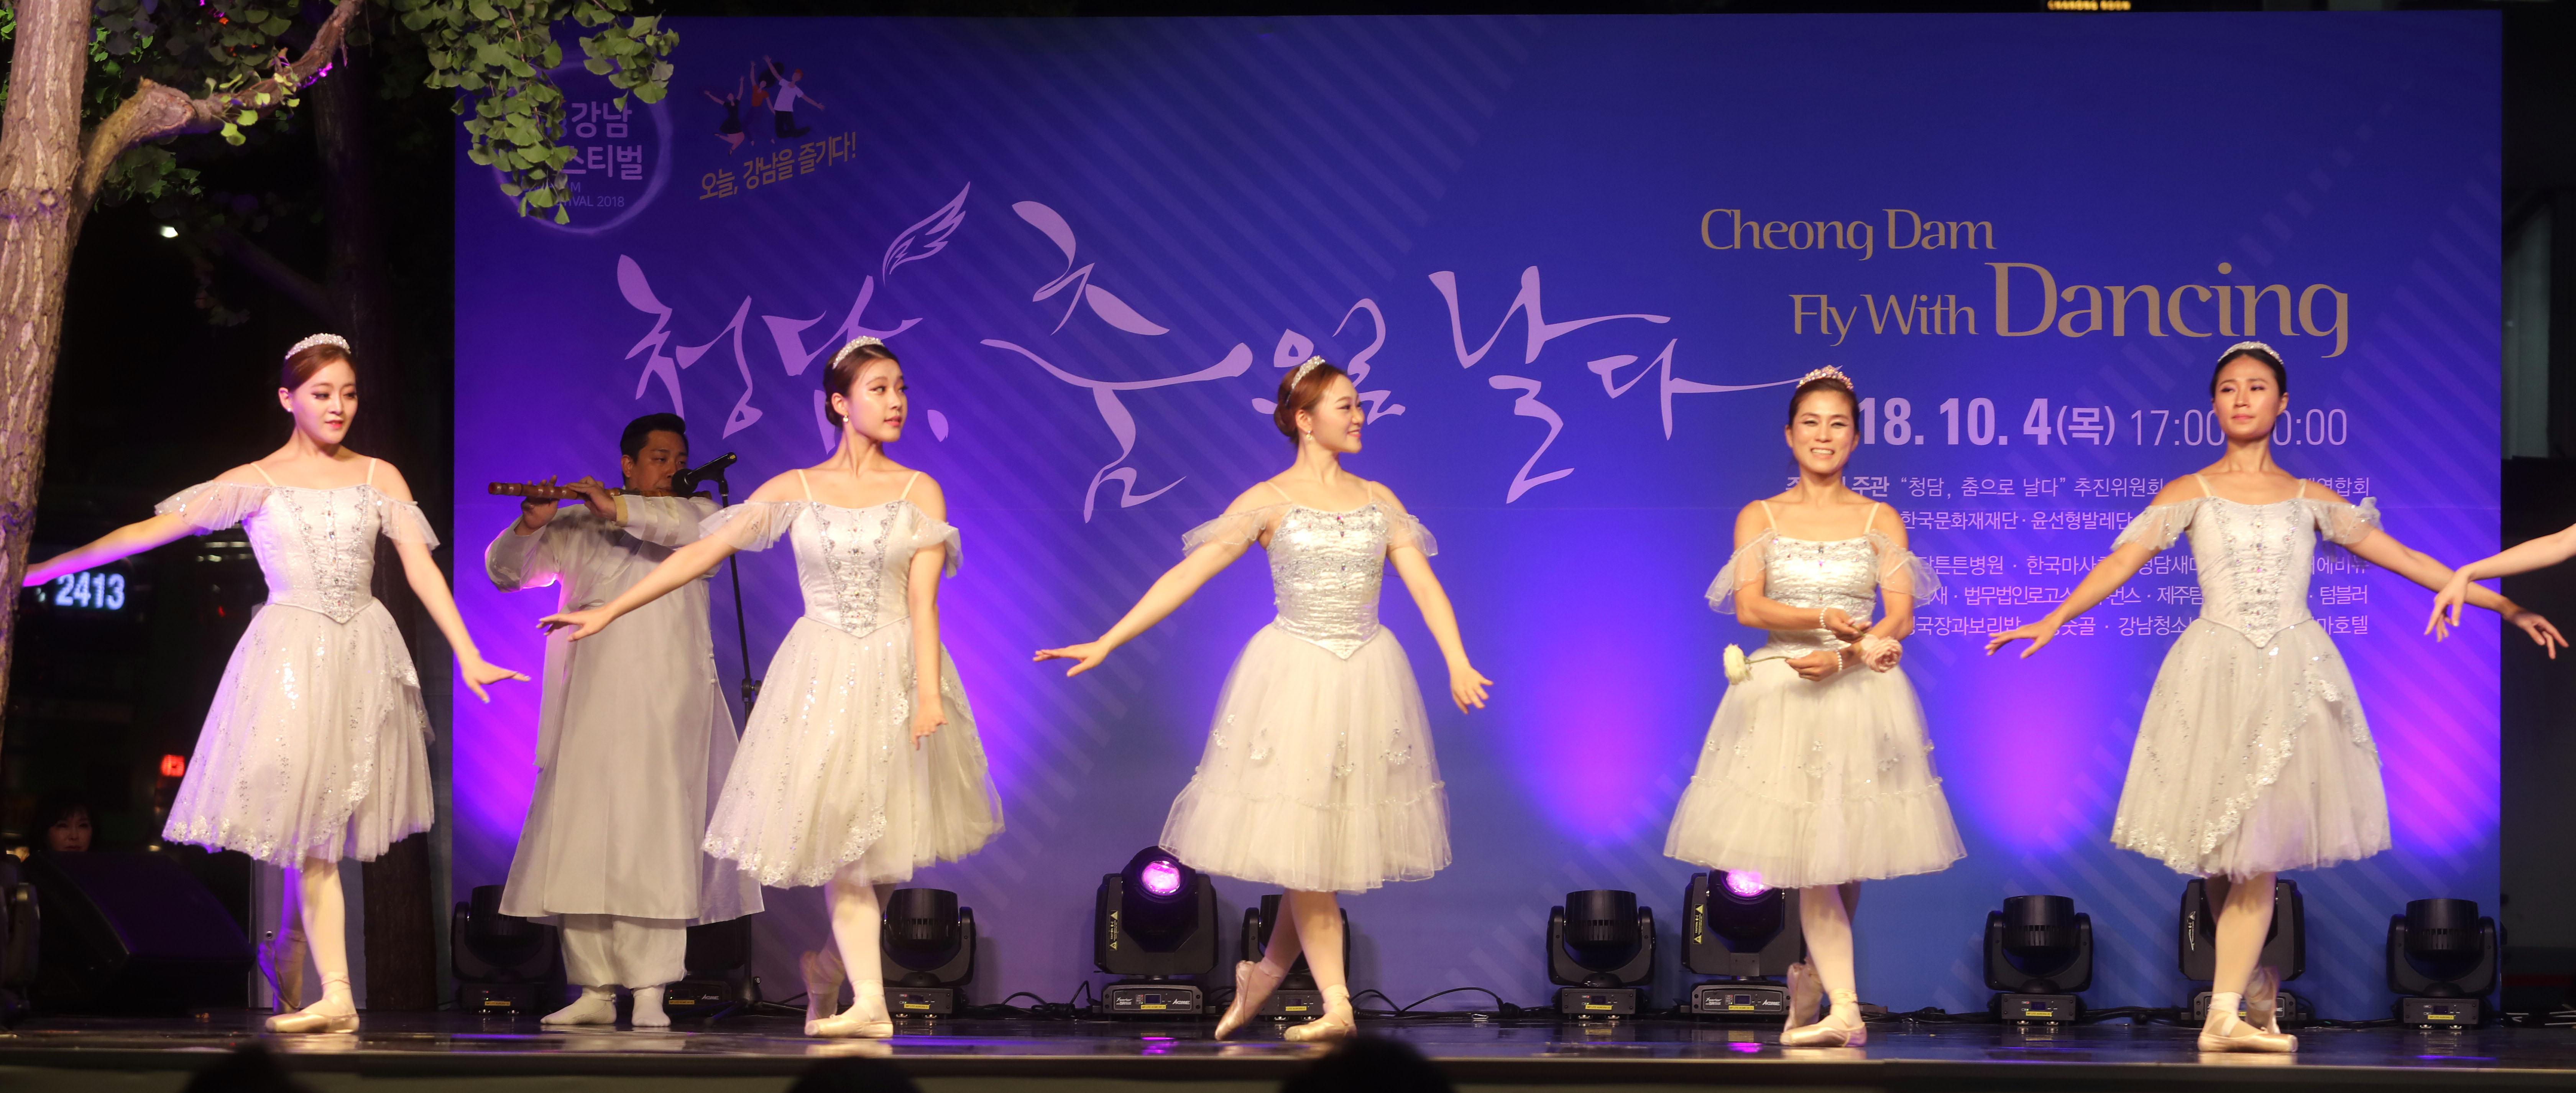 지난해 청담동 튼튼병원 앞에서 펼쳐진 '청담, 춤으로 날다' 공연 모습